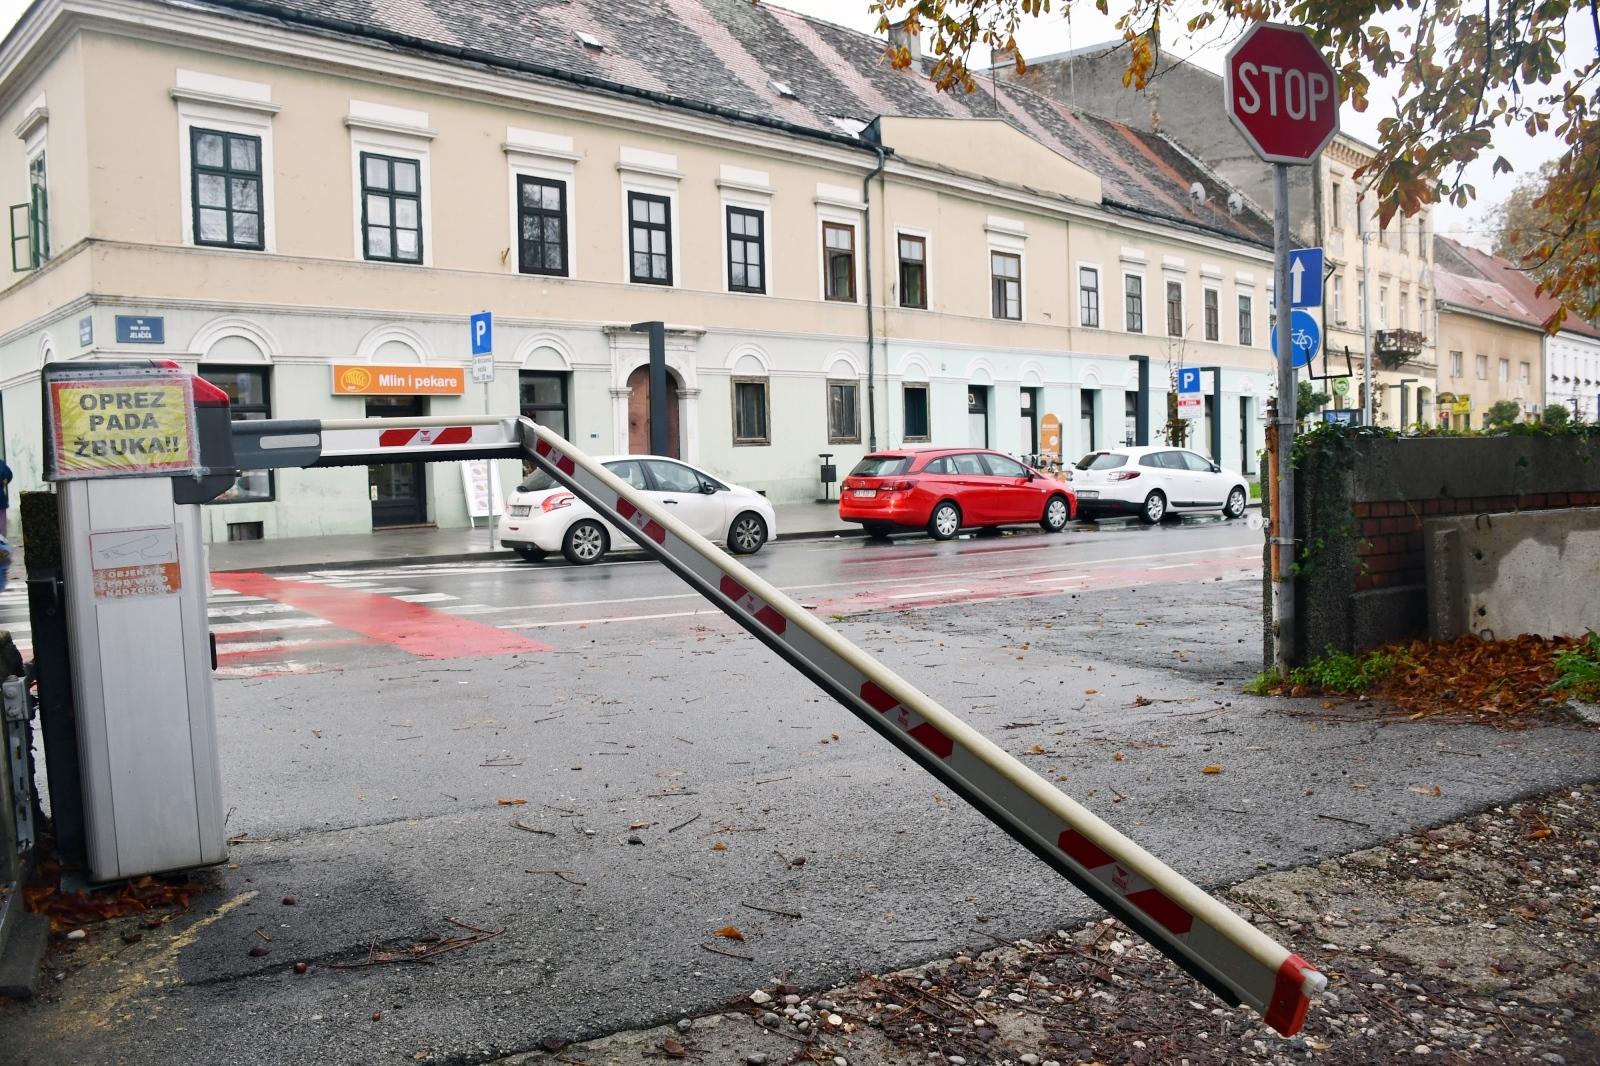 U novom naletu vandalizma stradala rampa na parkiralištu u Rimskoj ulici